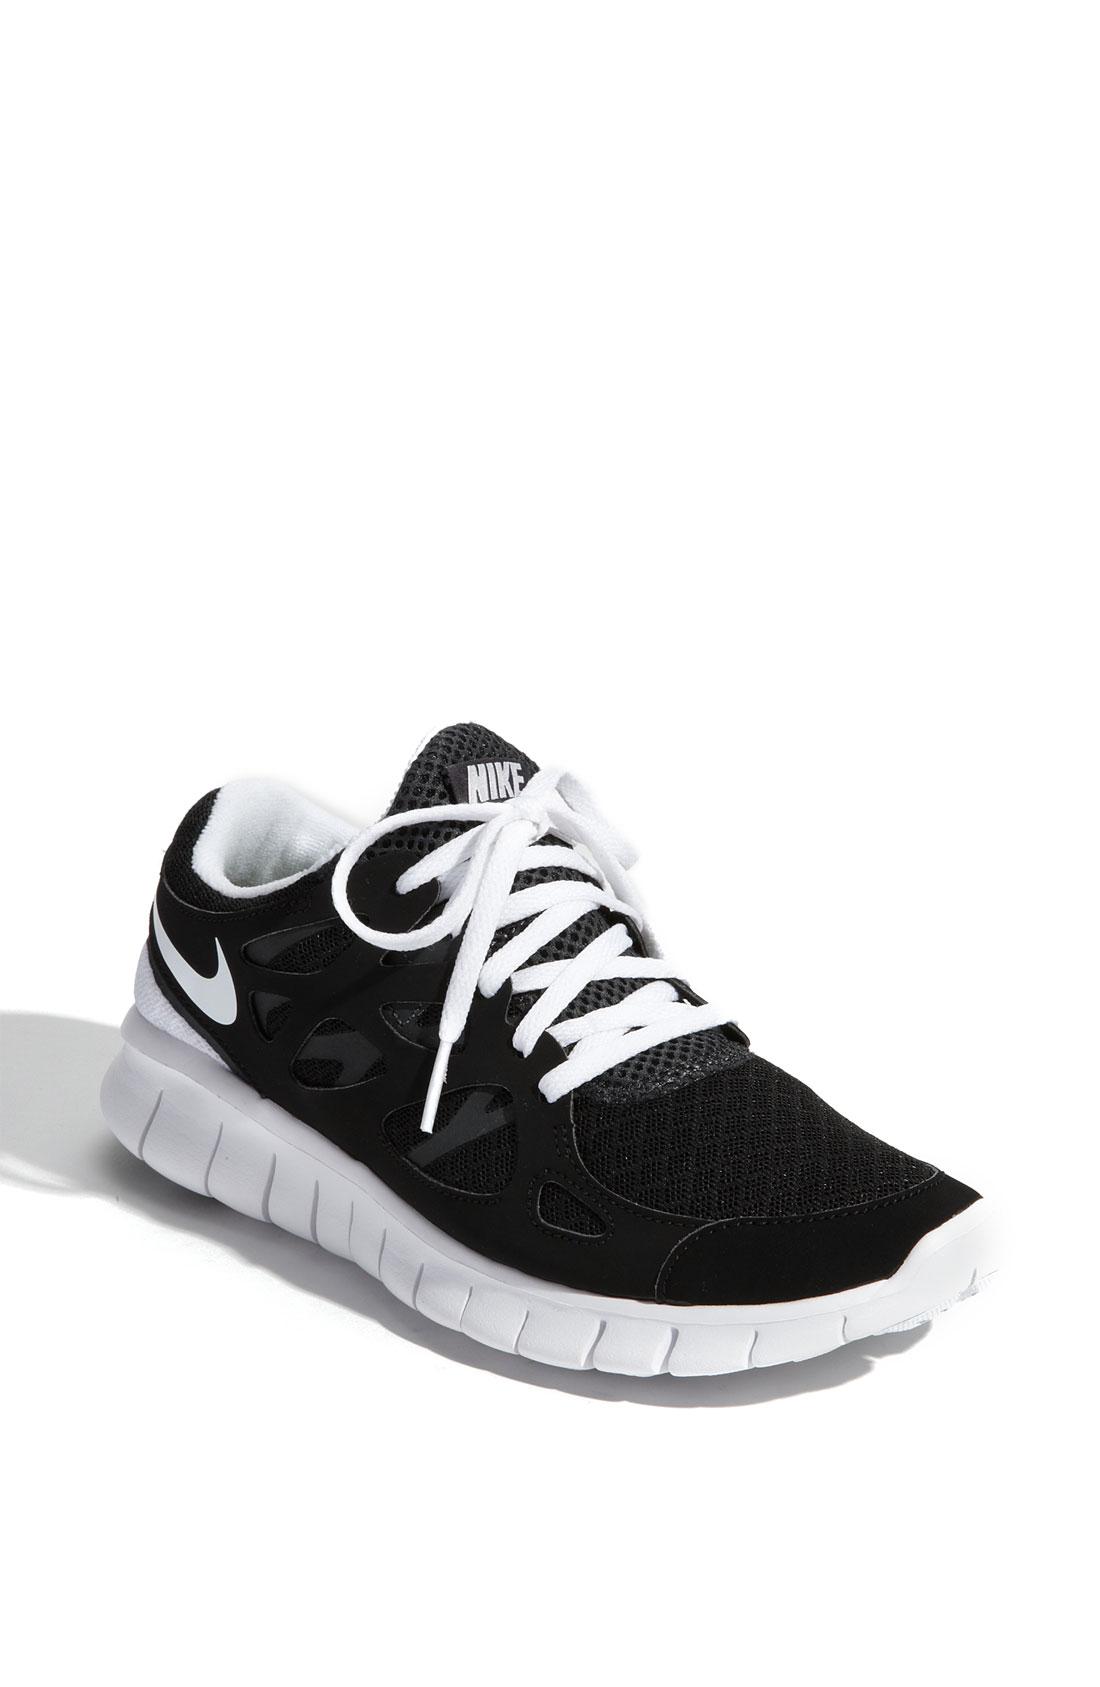 Nike Free Run 2 Black White Anthracite